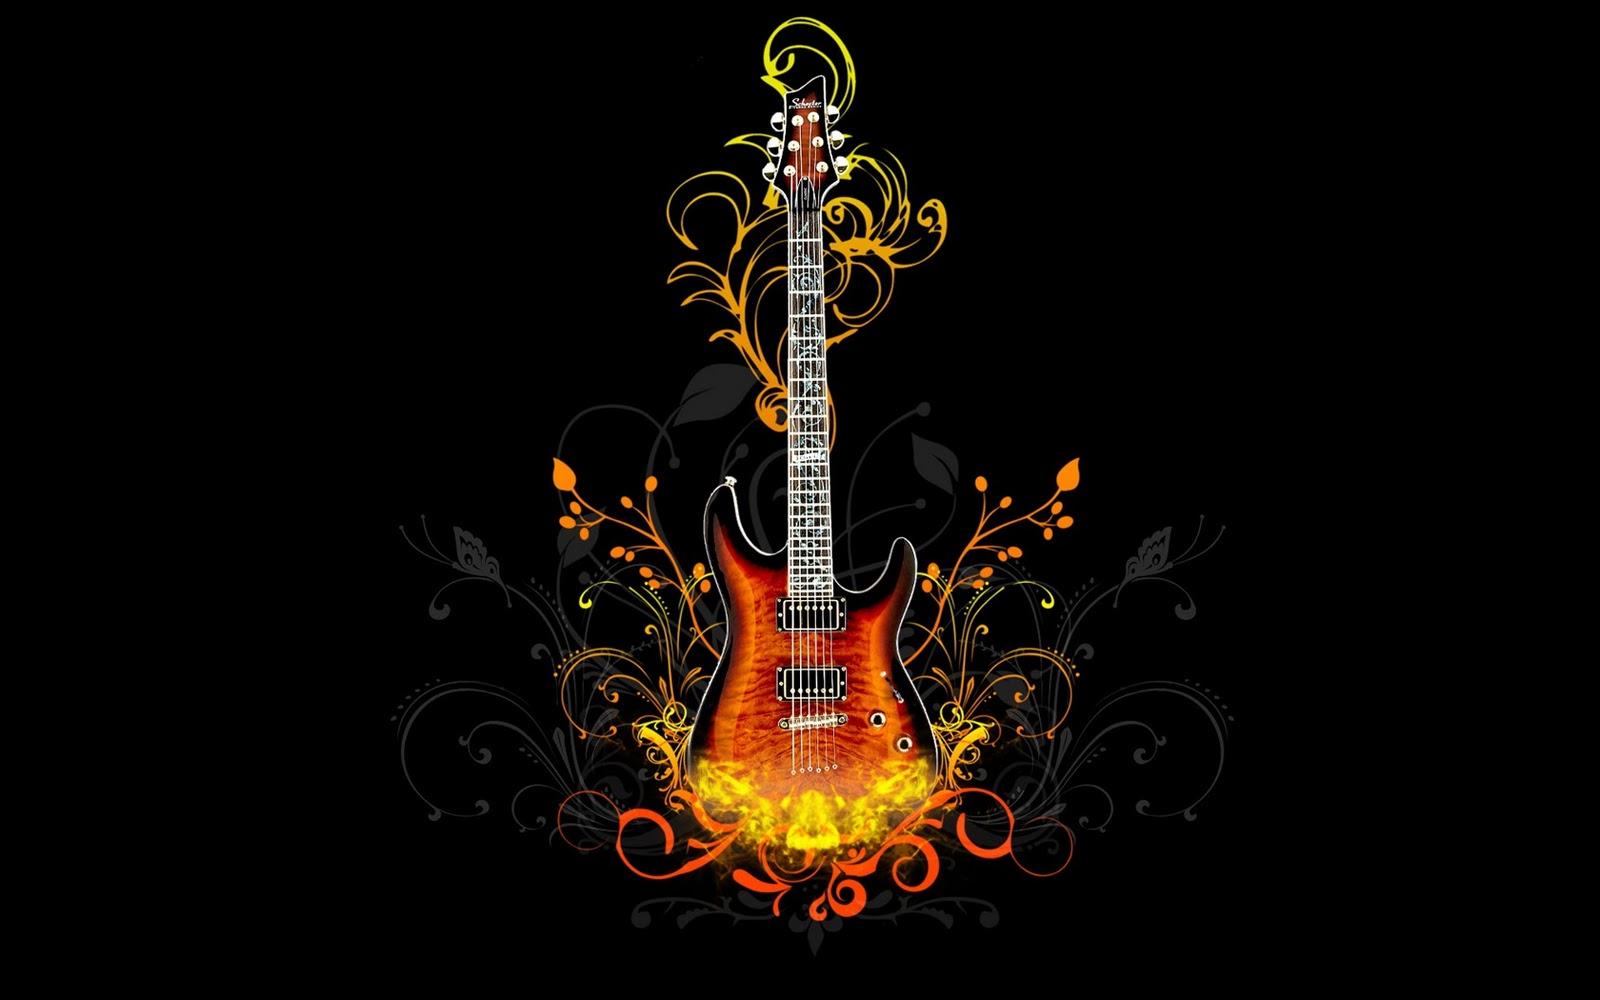 http://2.bp.blogspot.com/-TfIgTHPgKuc/Tn383R_-hzI/AAAAAAAAAH8/yUcZiu8iplE/s1600/vector-guitar-1680-1050-2277.jpg